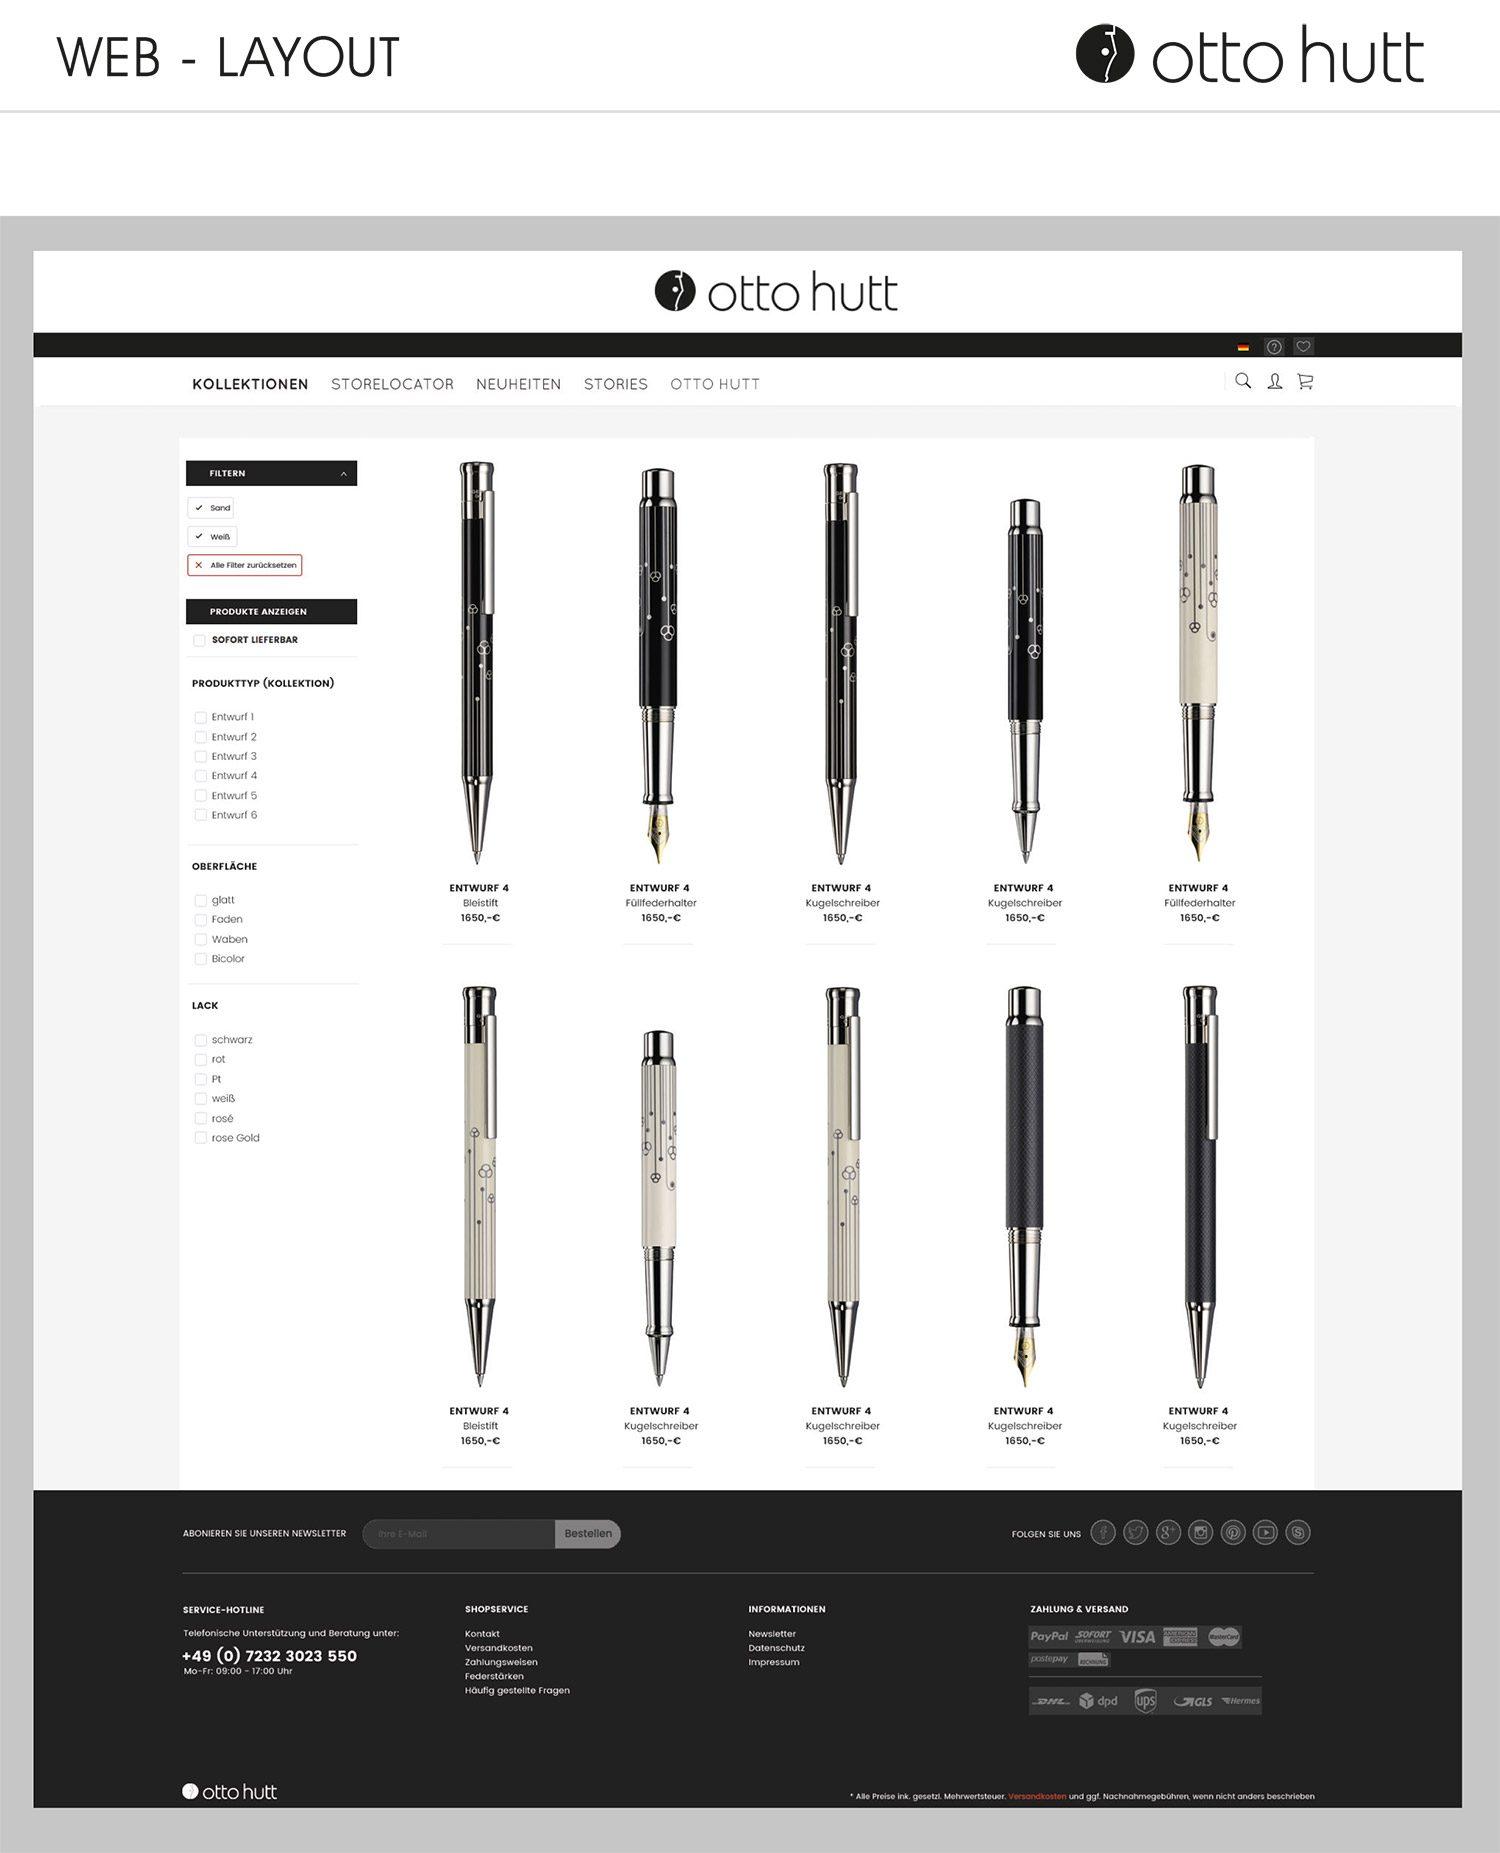 webshop-pforzheim-webdesign-schmuck-otto-hutt2